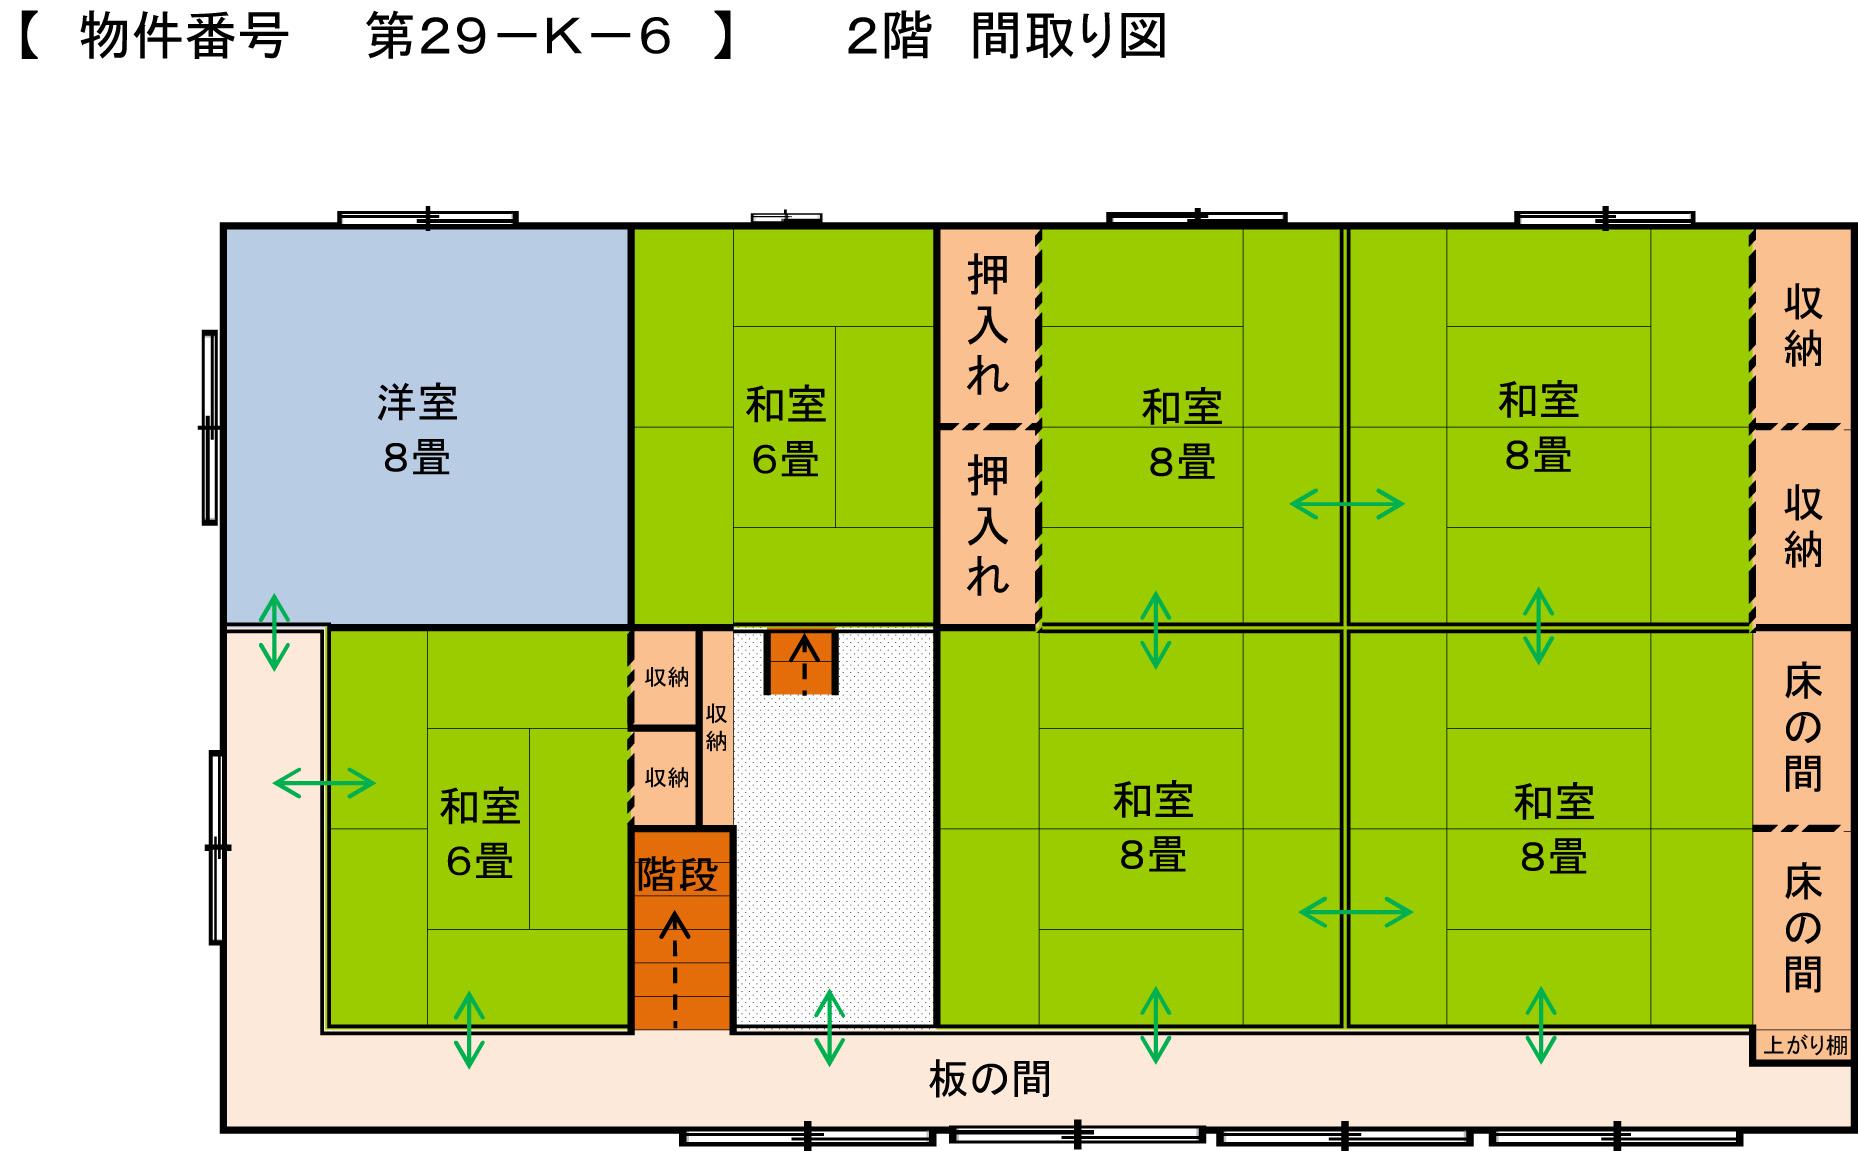 29-K-6 2階間取り図